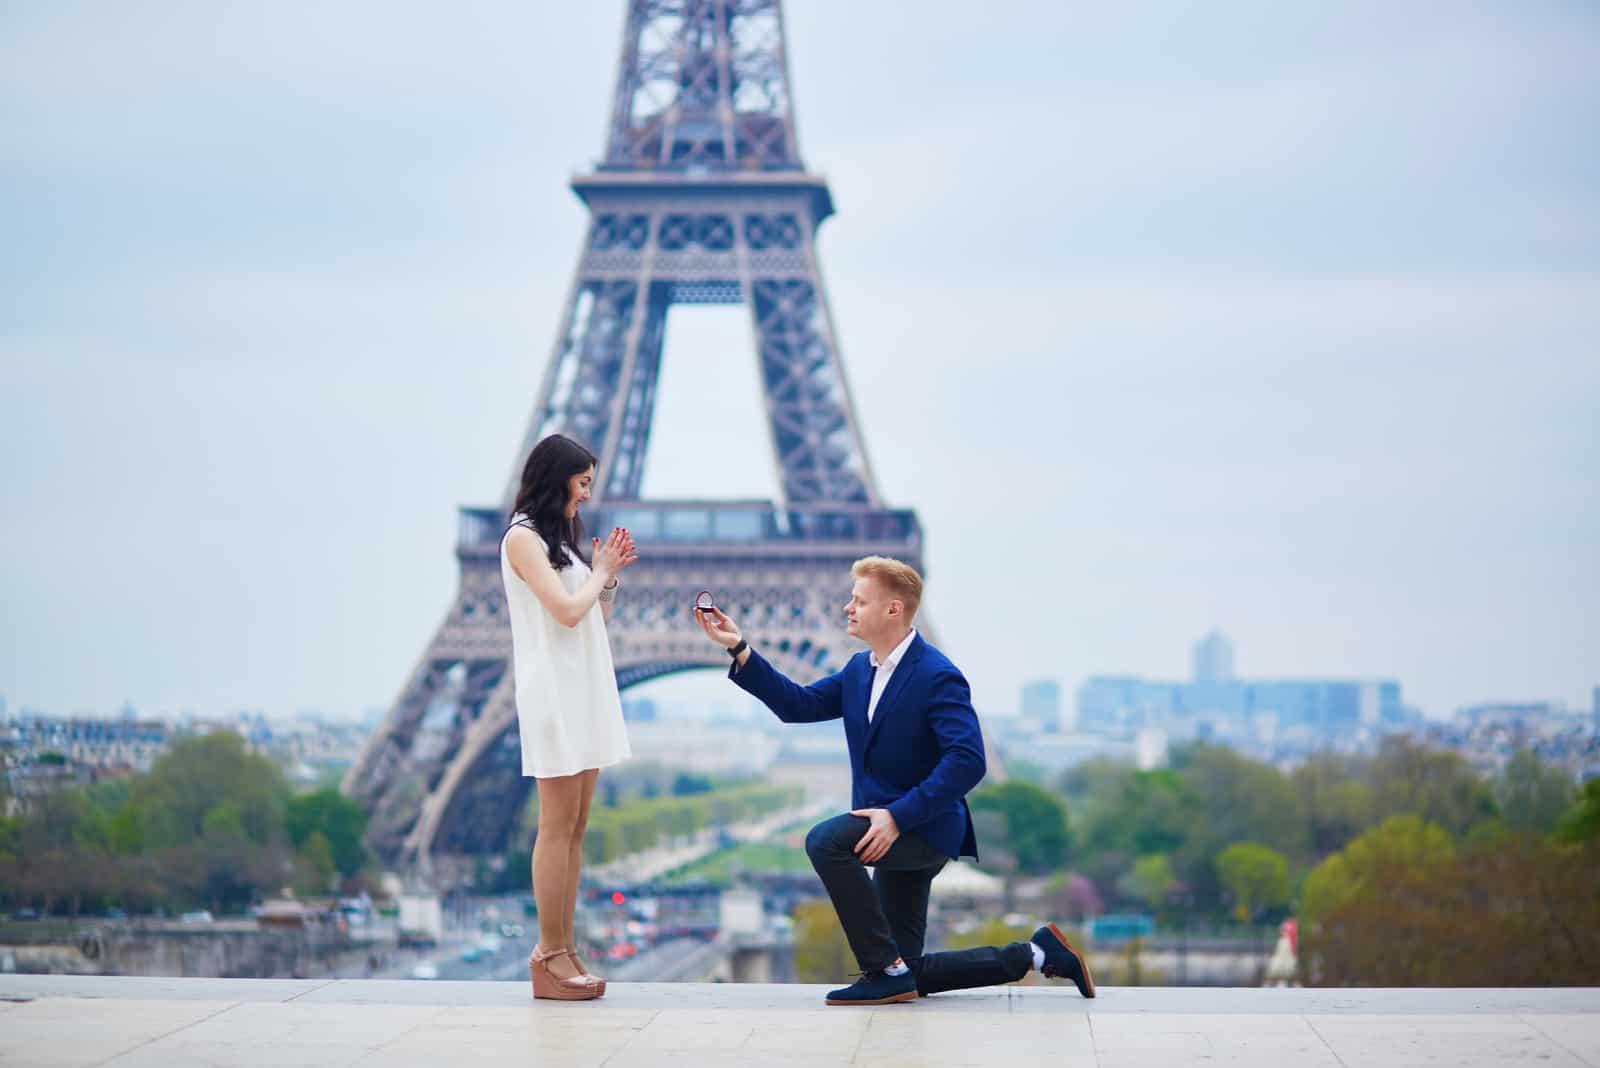 un homme a proposé à une femme à côté de la tour Eiffel